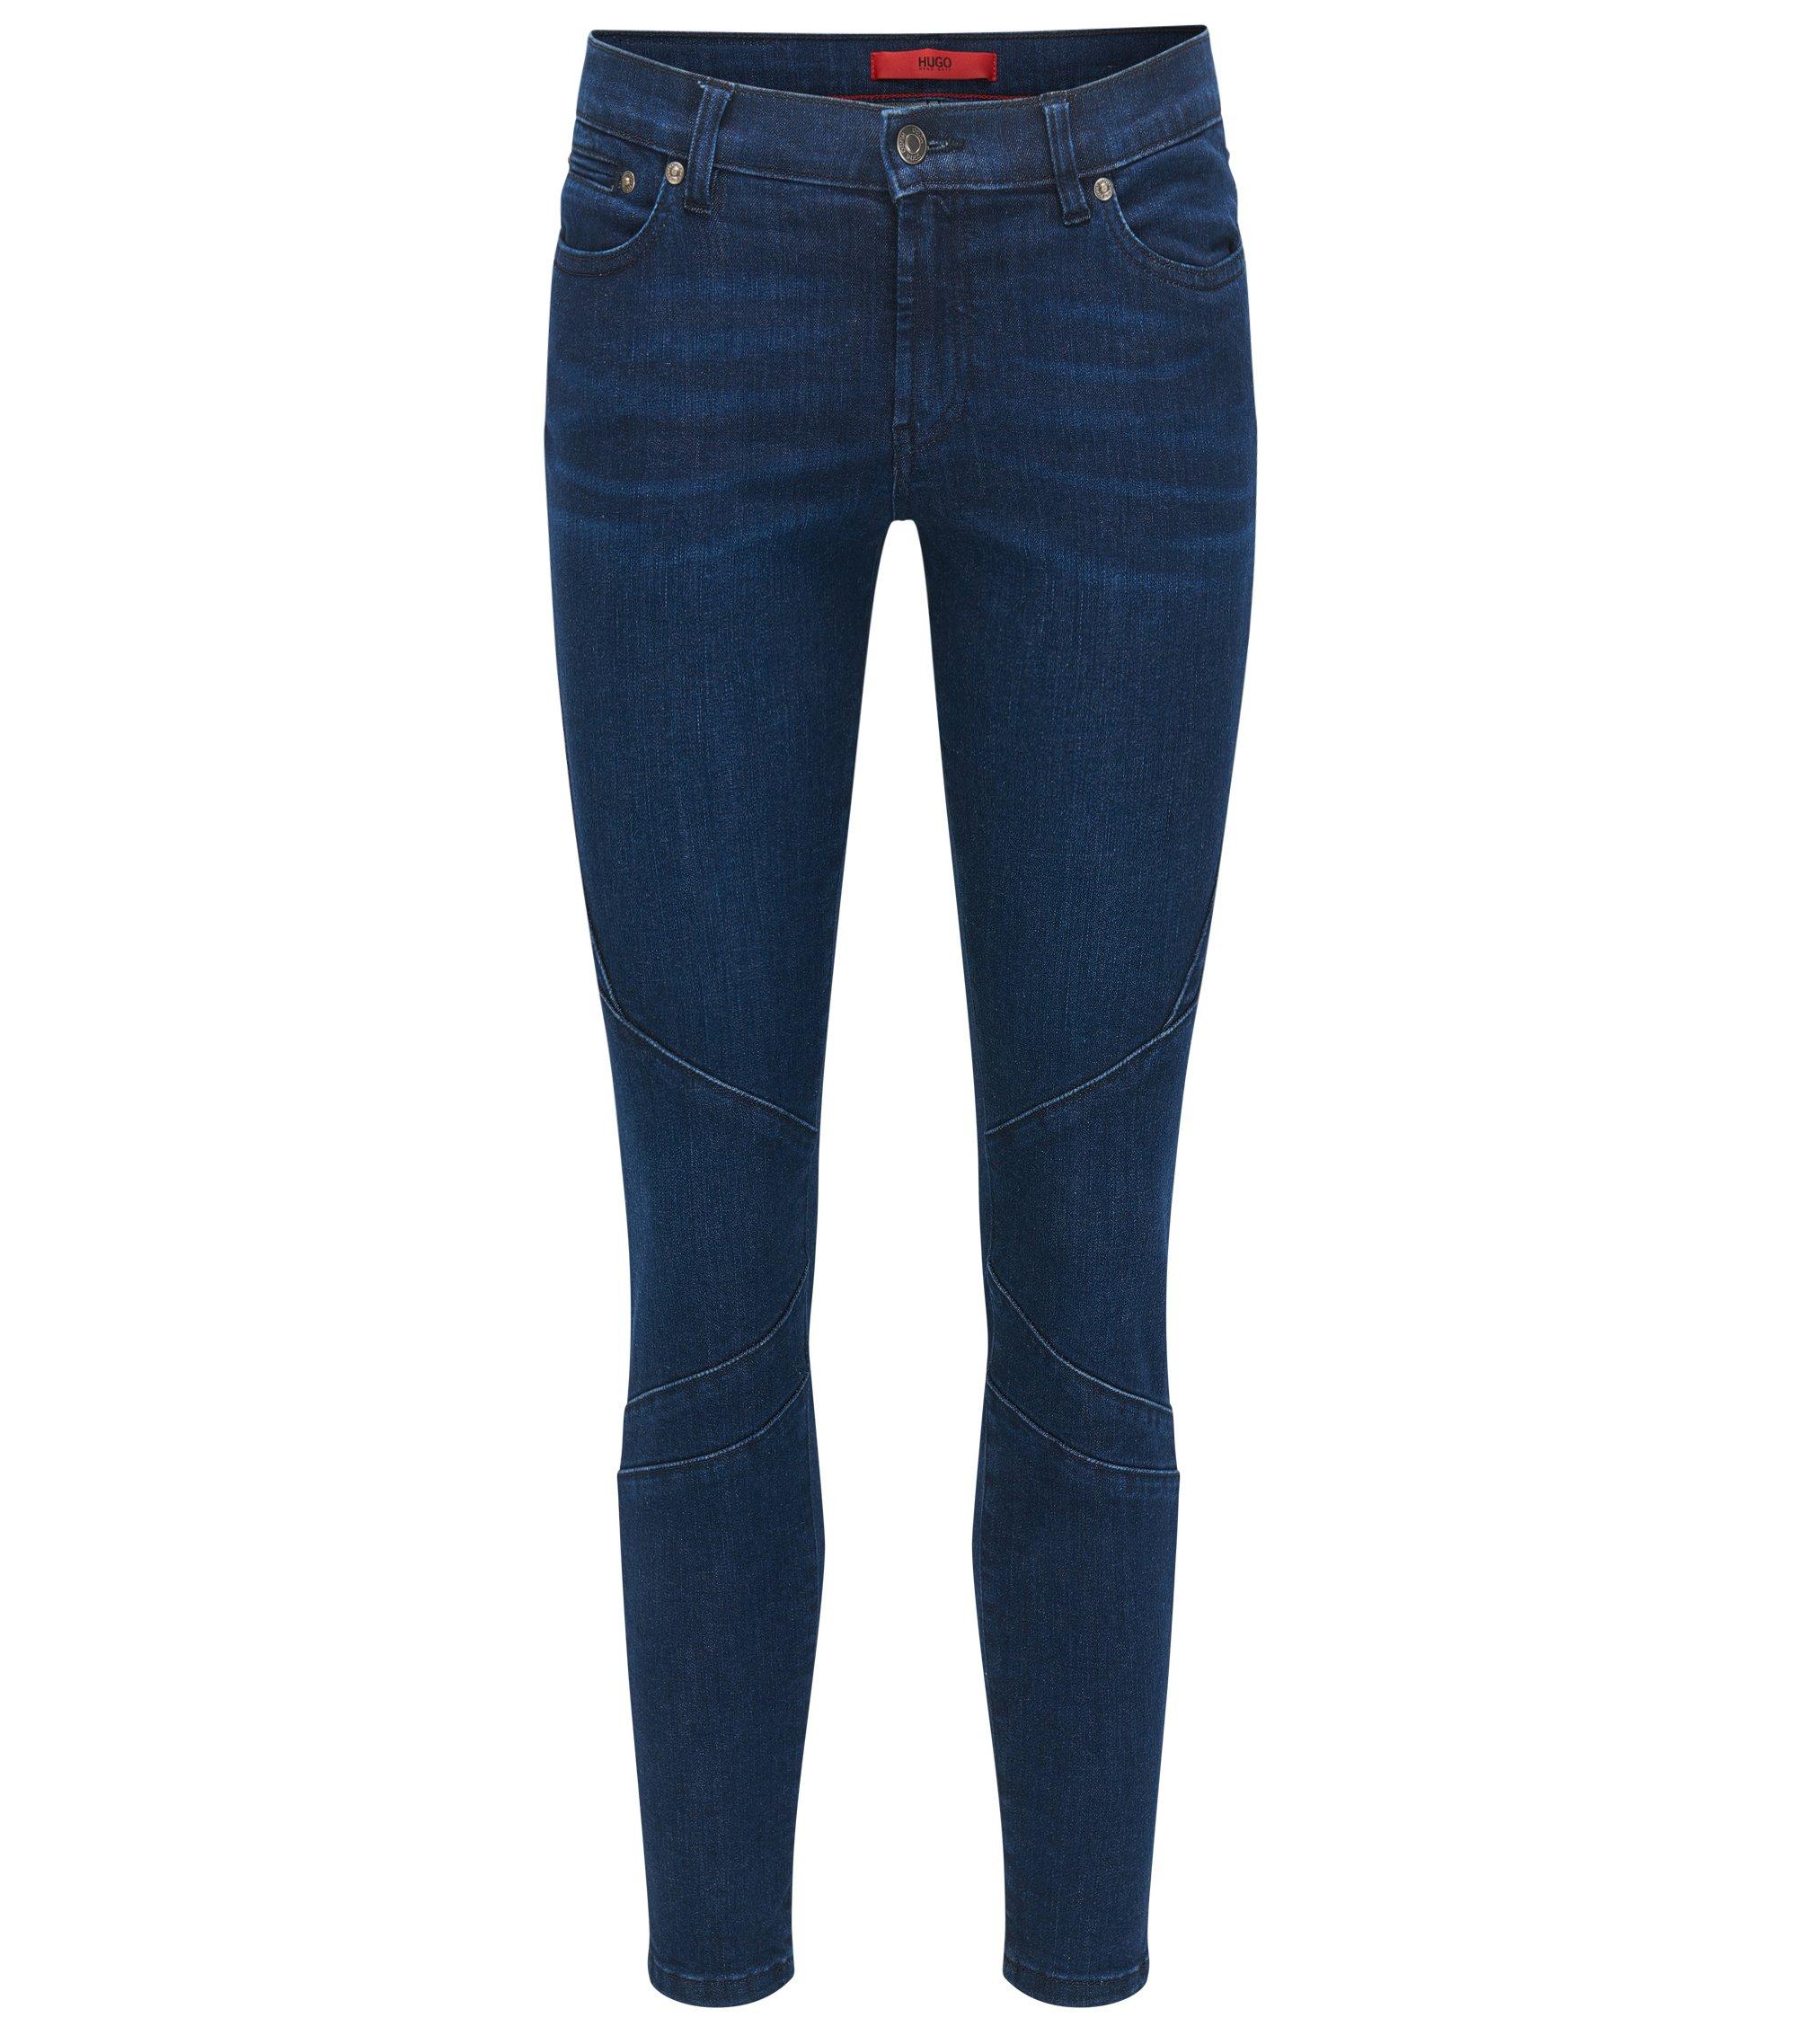 Skinny-Fit Jeans aus Super-Stretch Denim, Blau